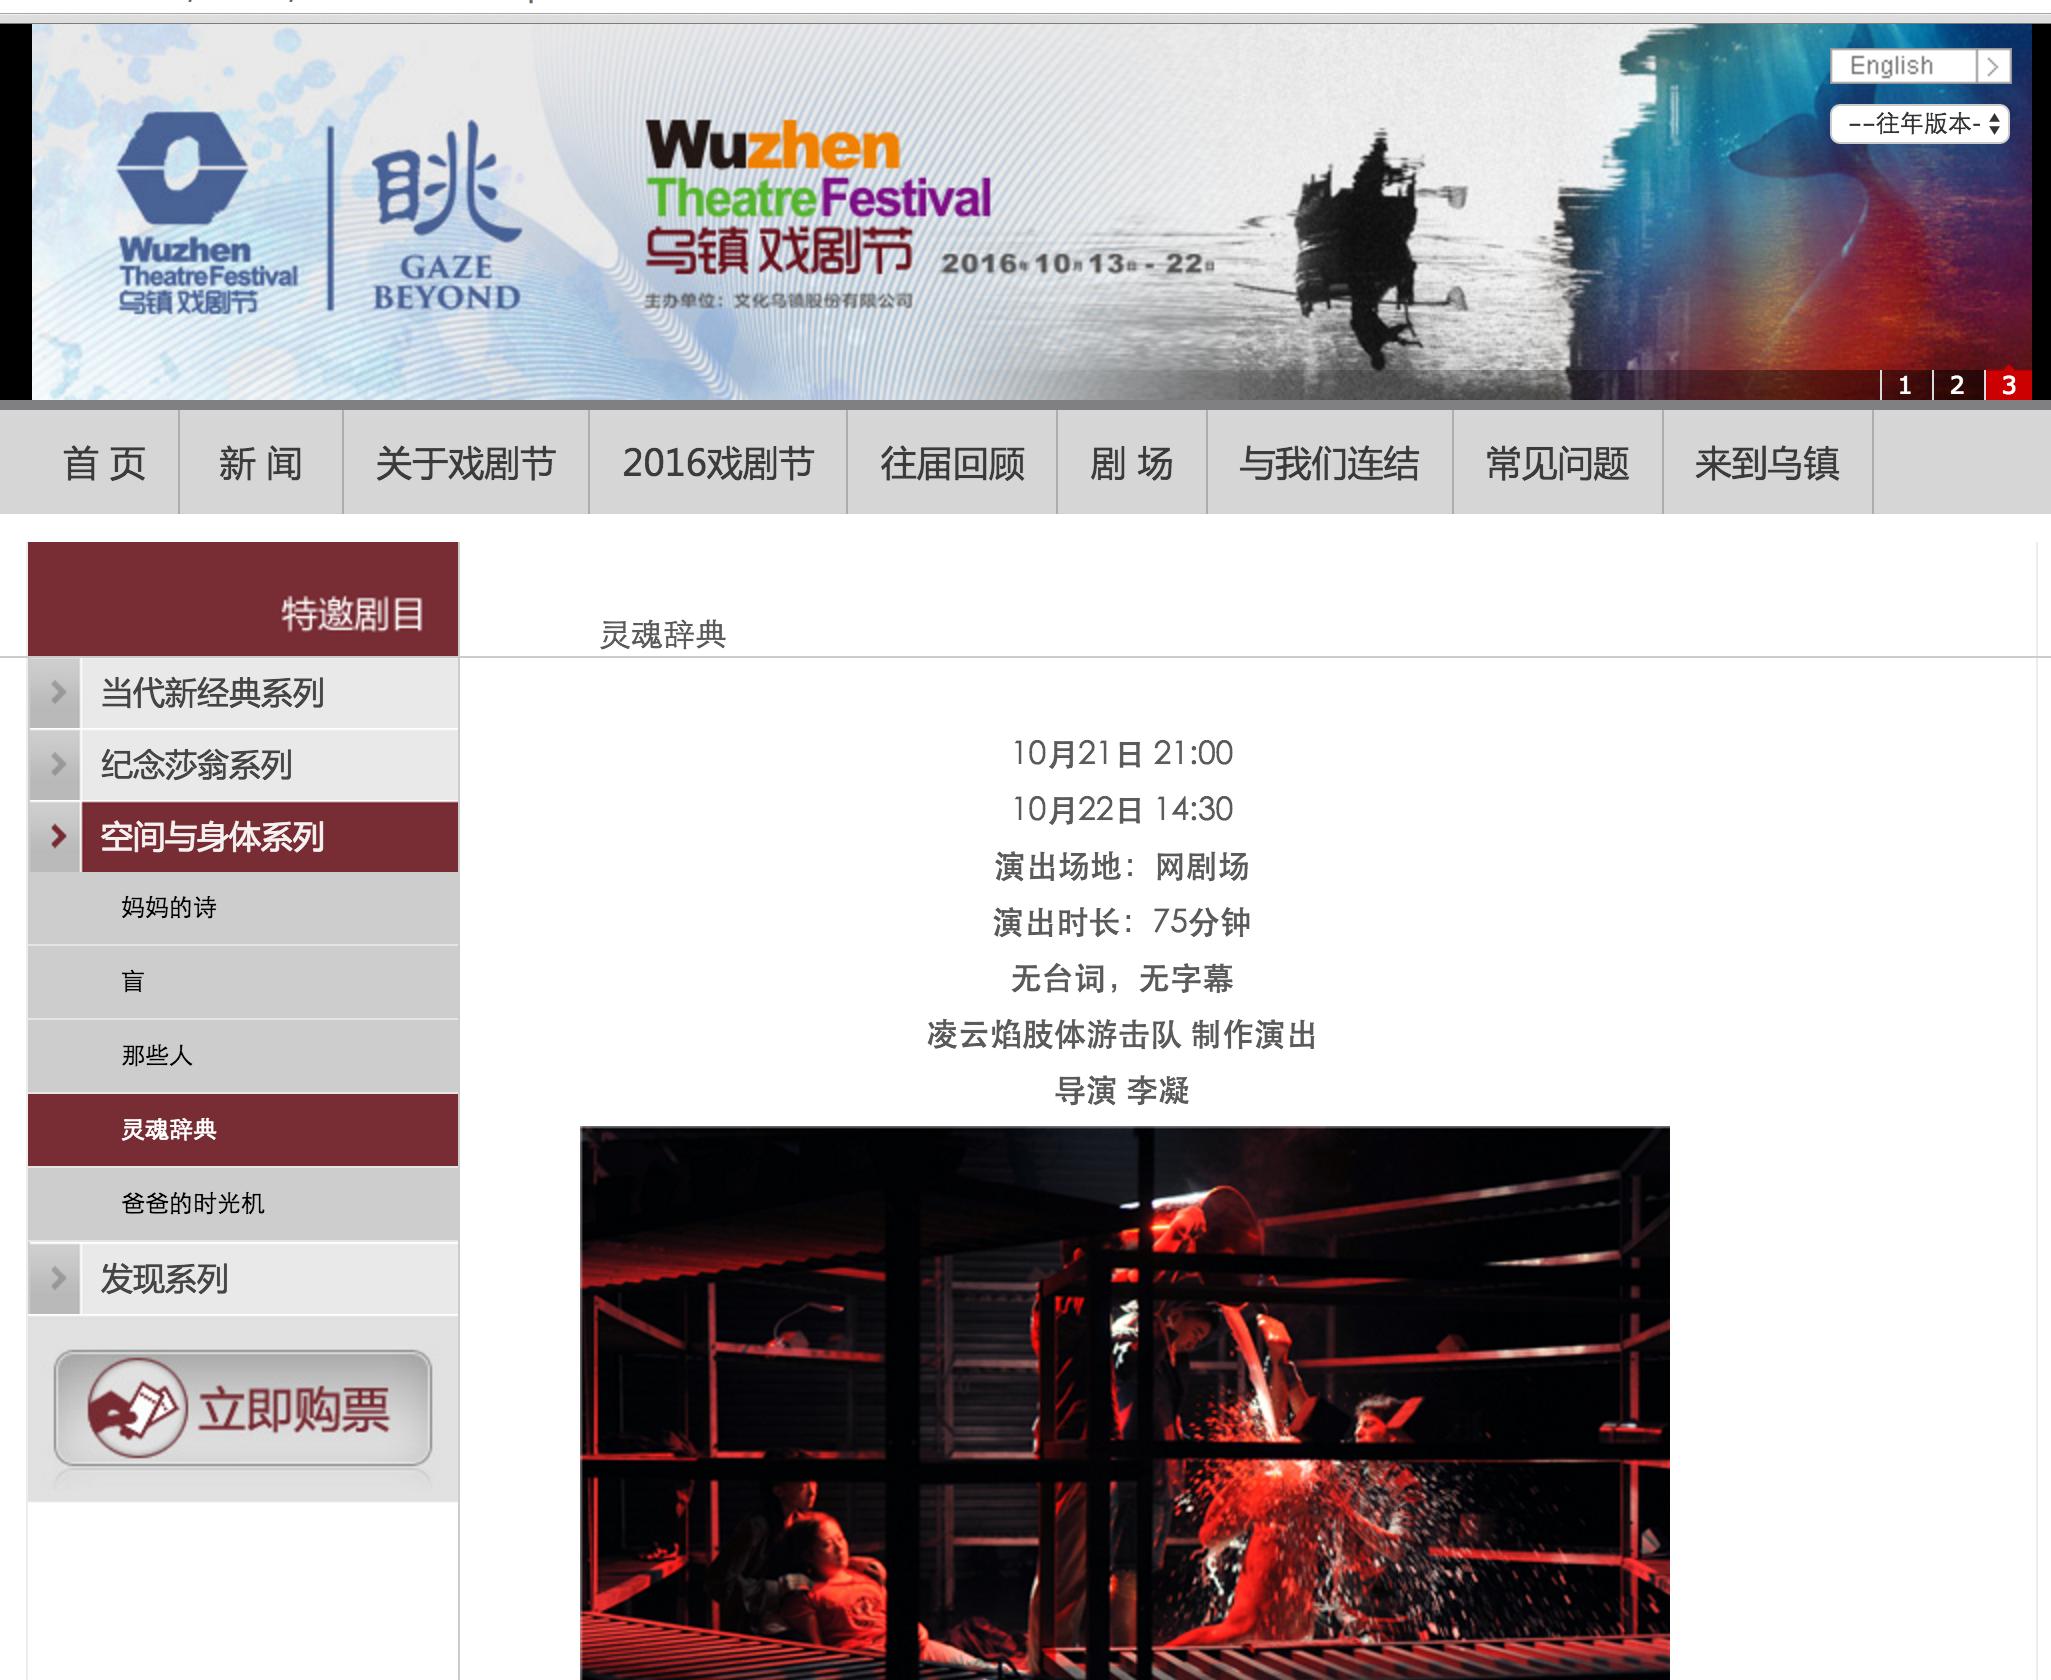 乌镇戏剧节官网上对《灵魂辞典》的介绍